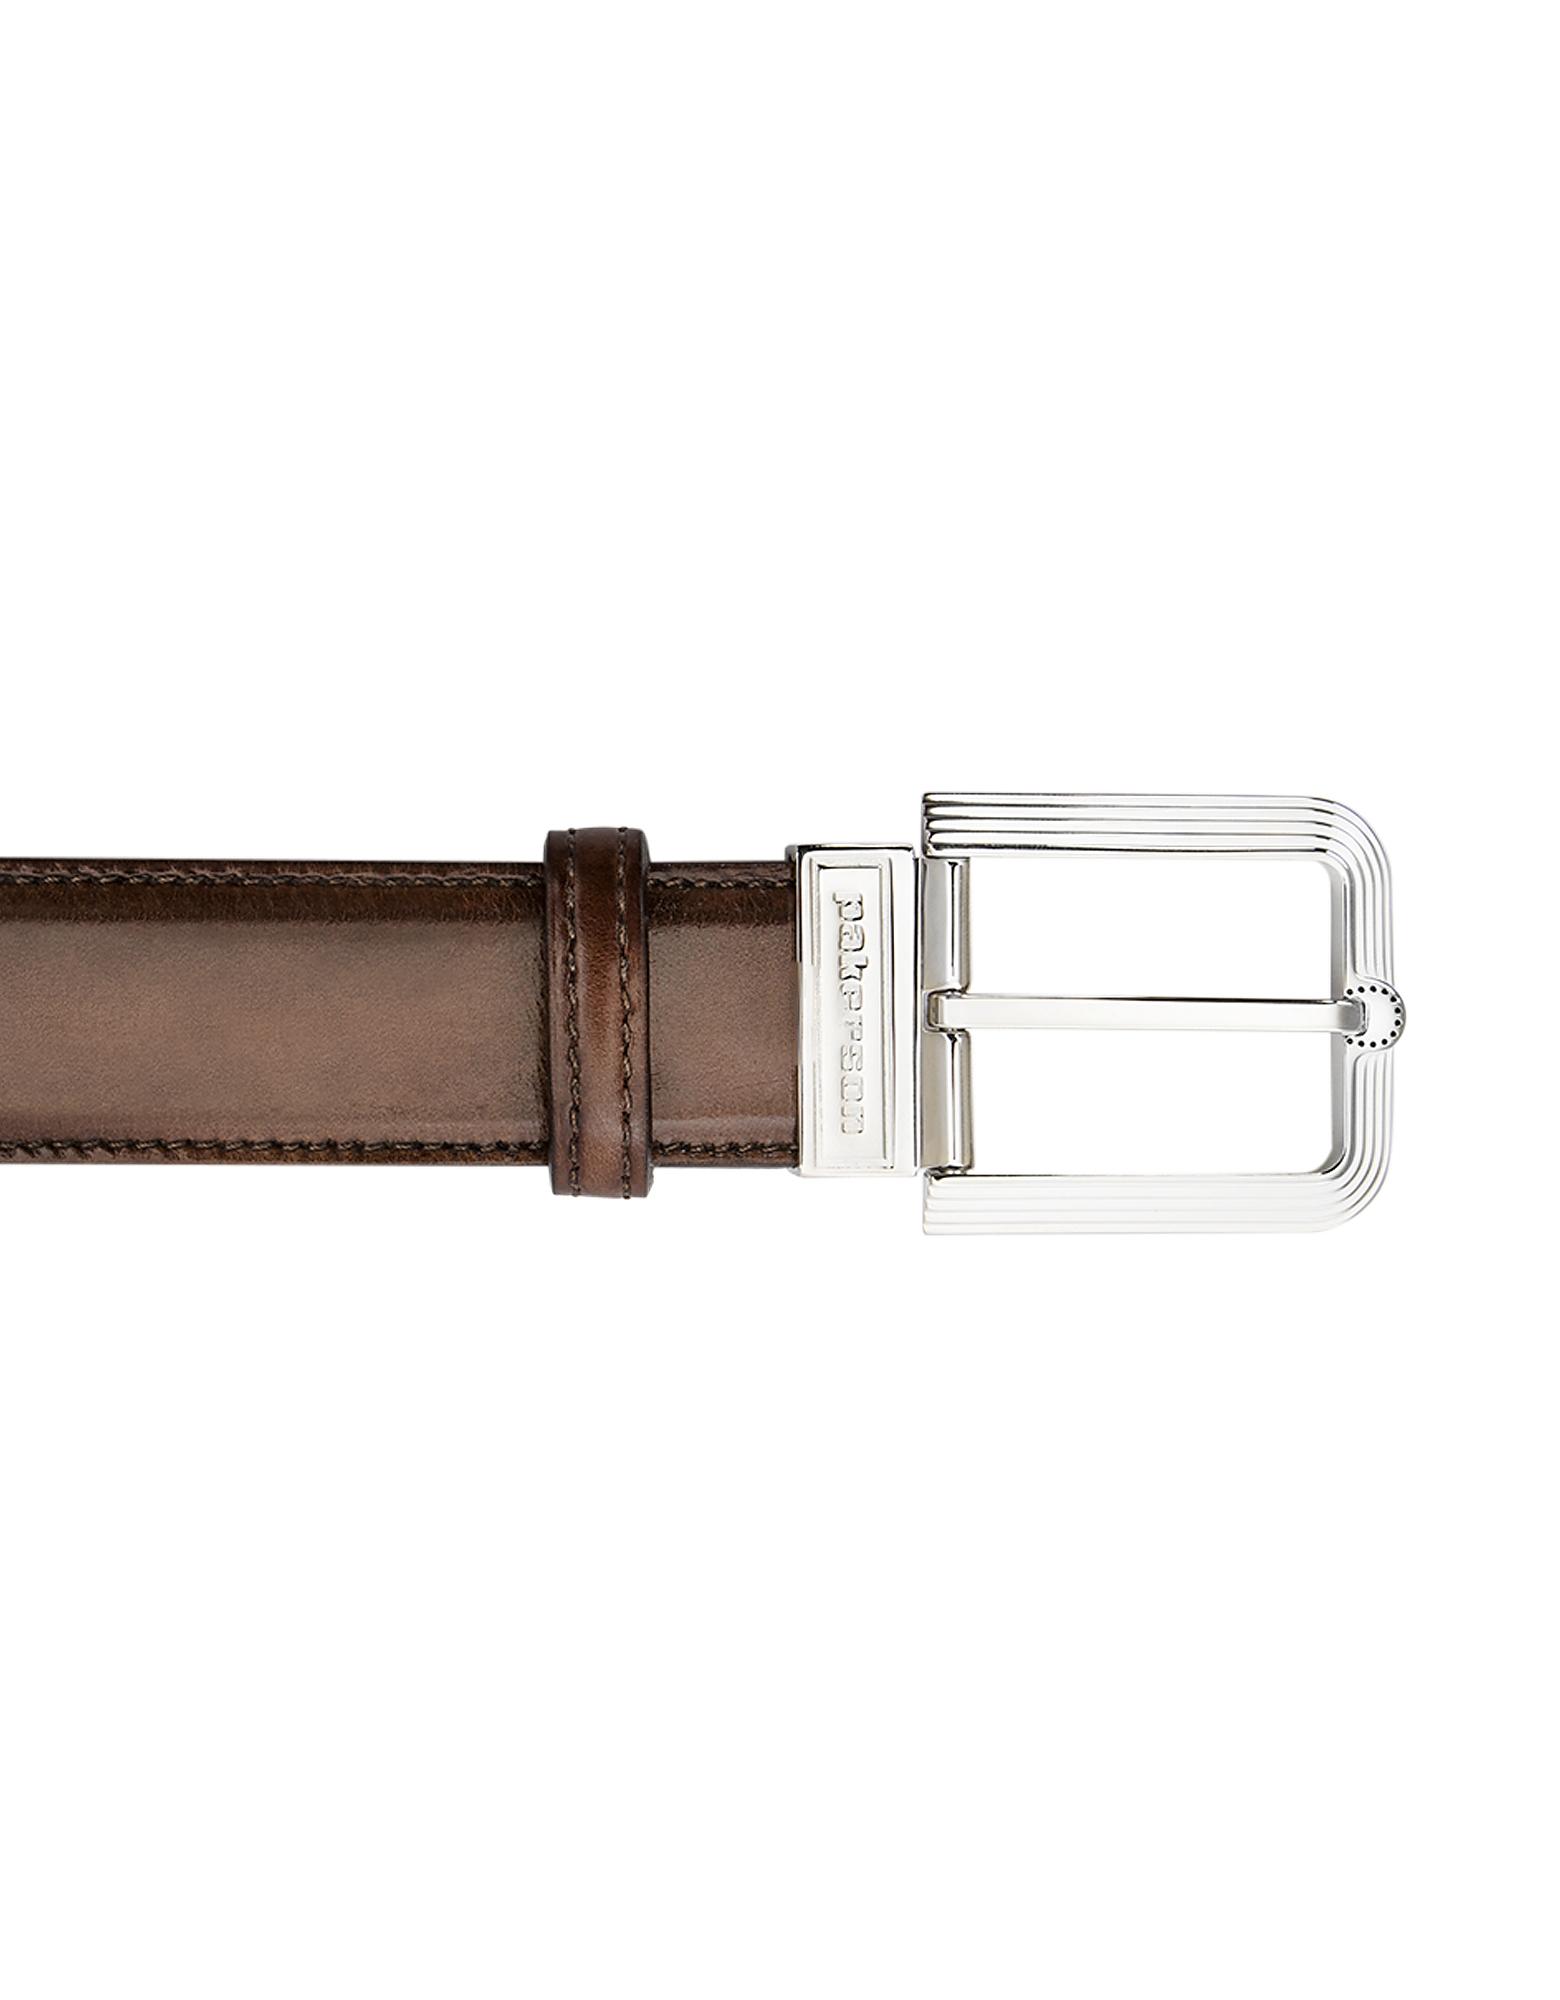 Pakerson Designer Men's Belts, Fiesole Coffee Italian Leather Belt w/ Silver Buckle